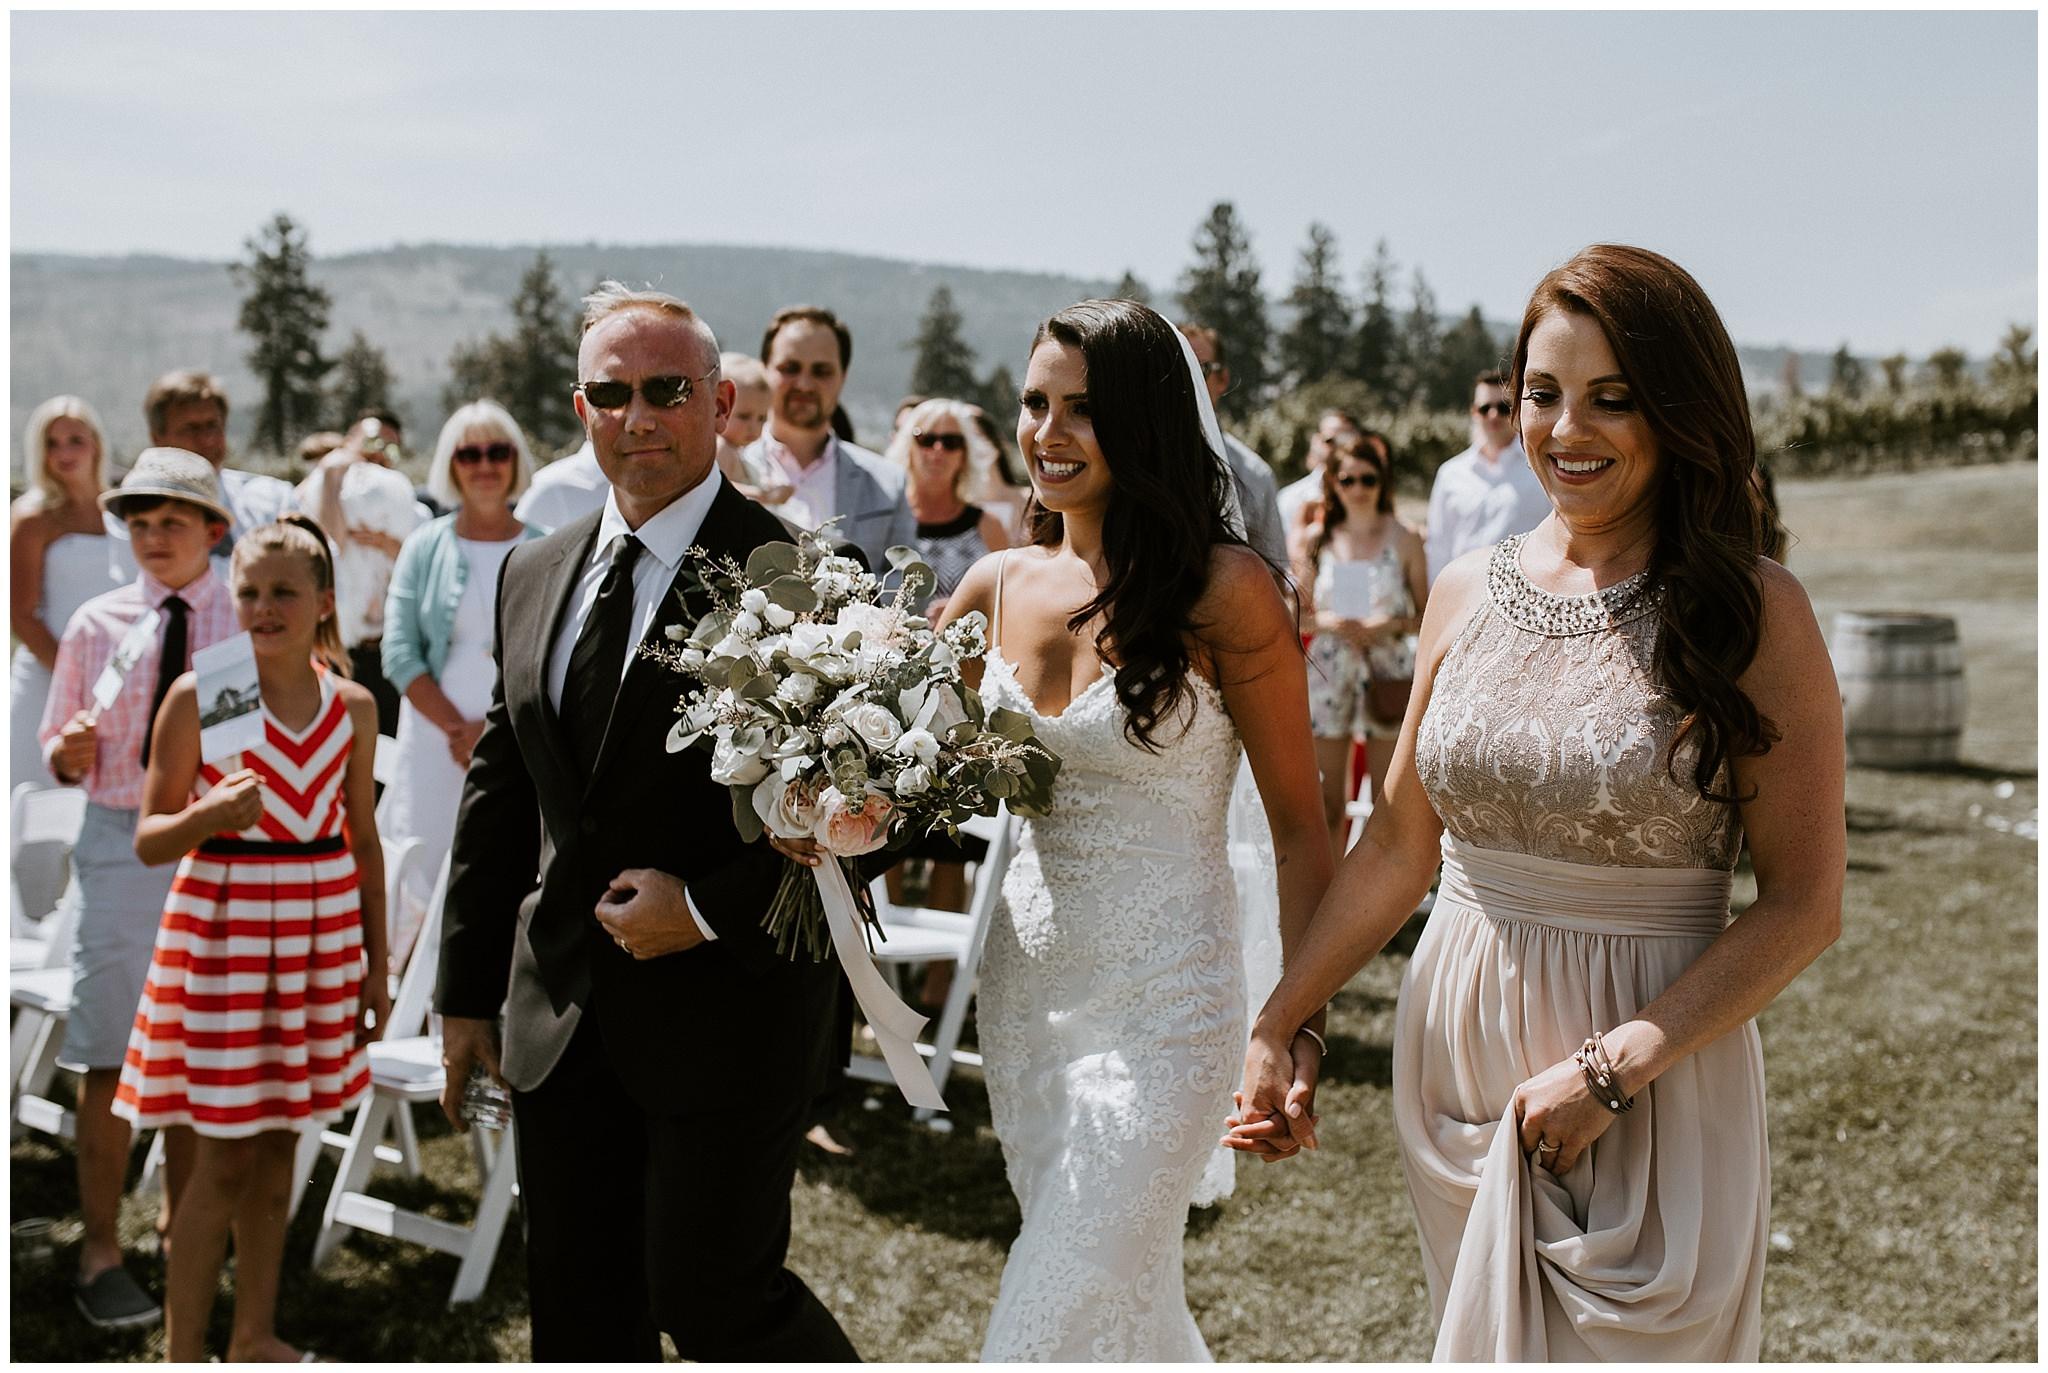 off-the-grid-winery-wedding-kelowna-010.JPG